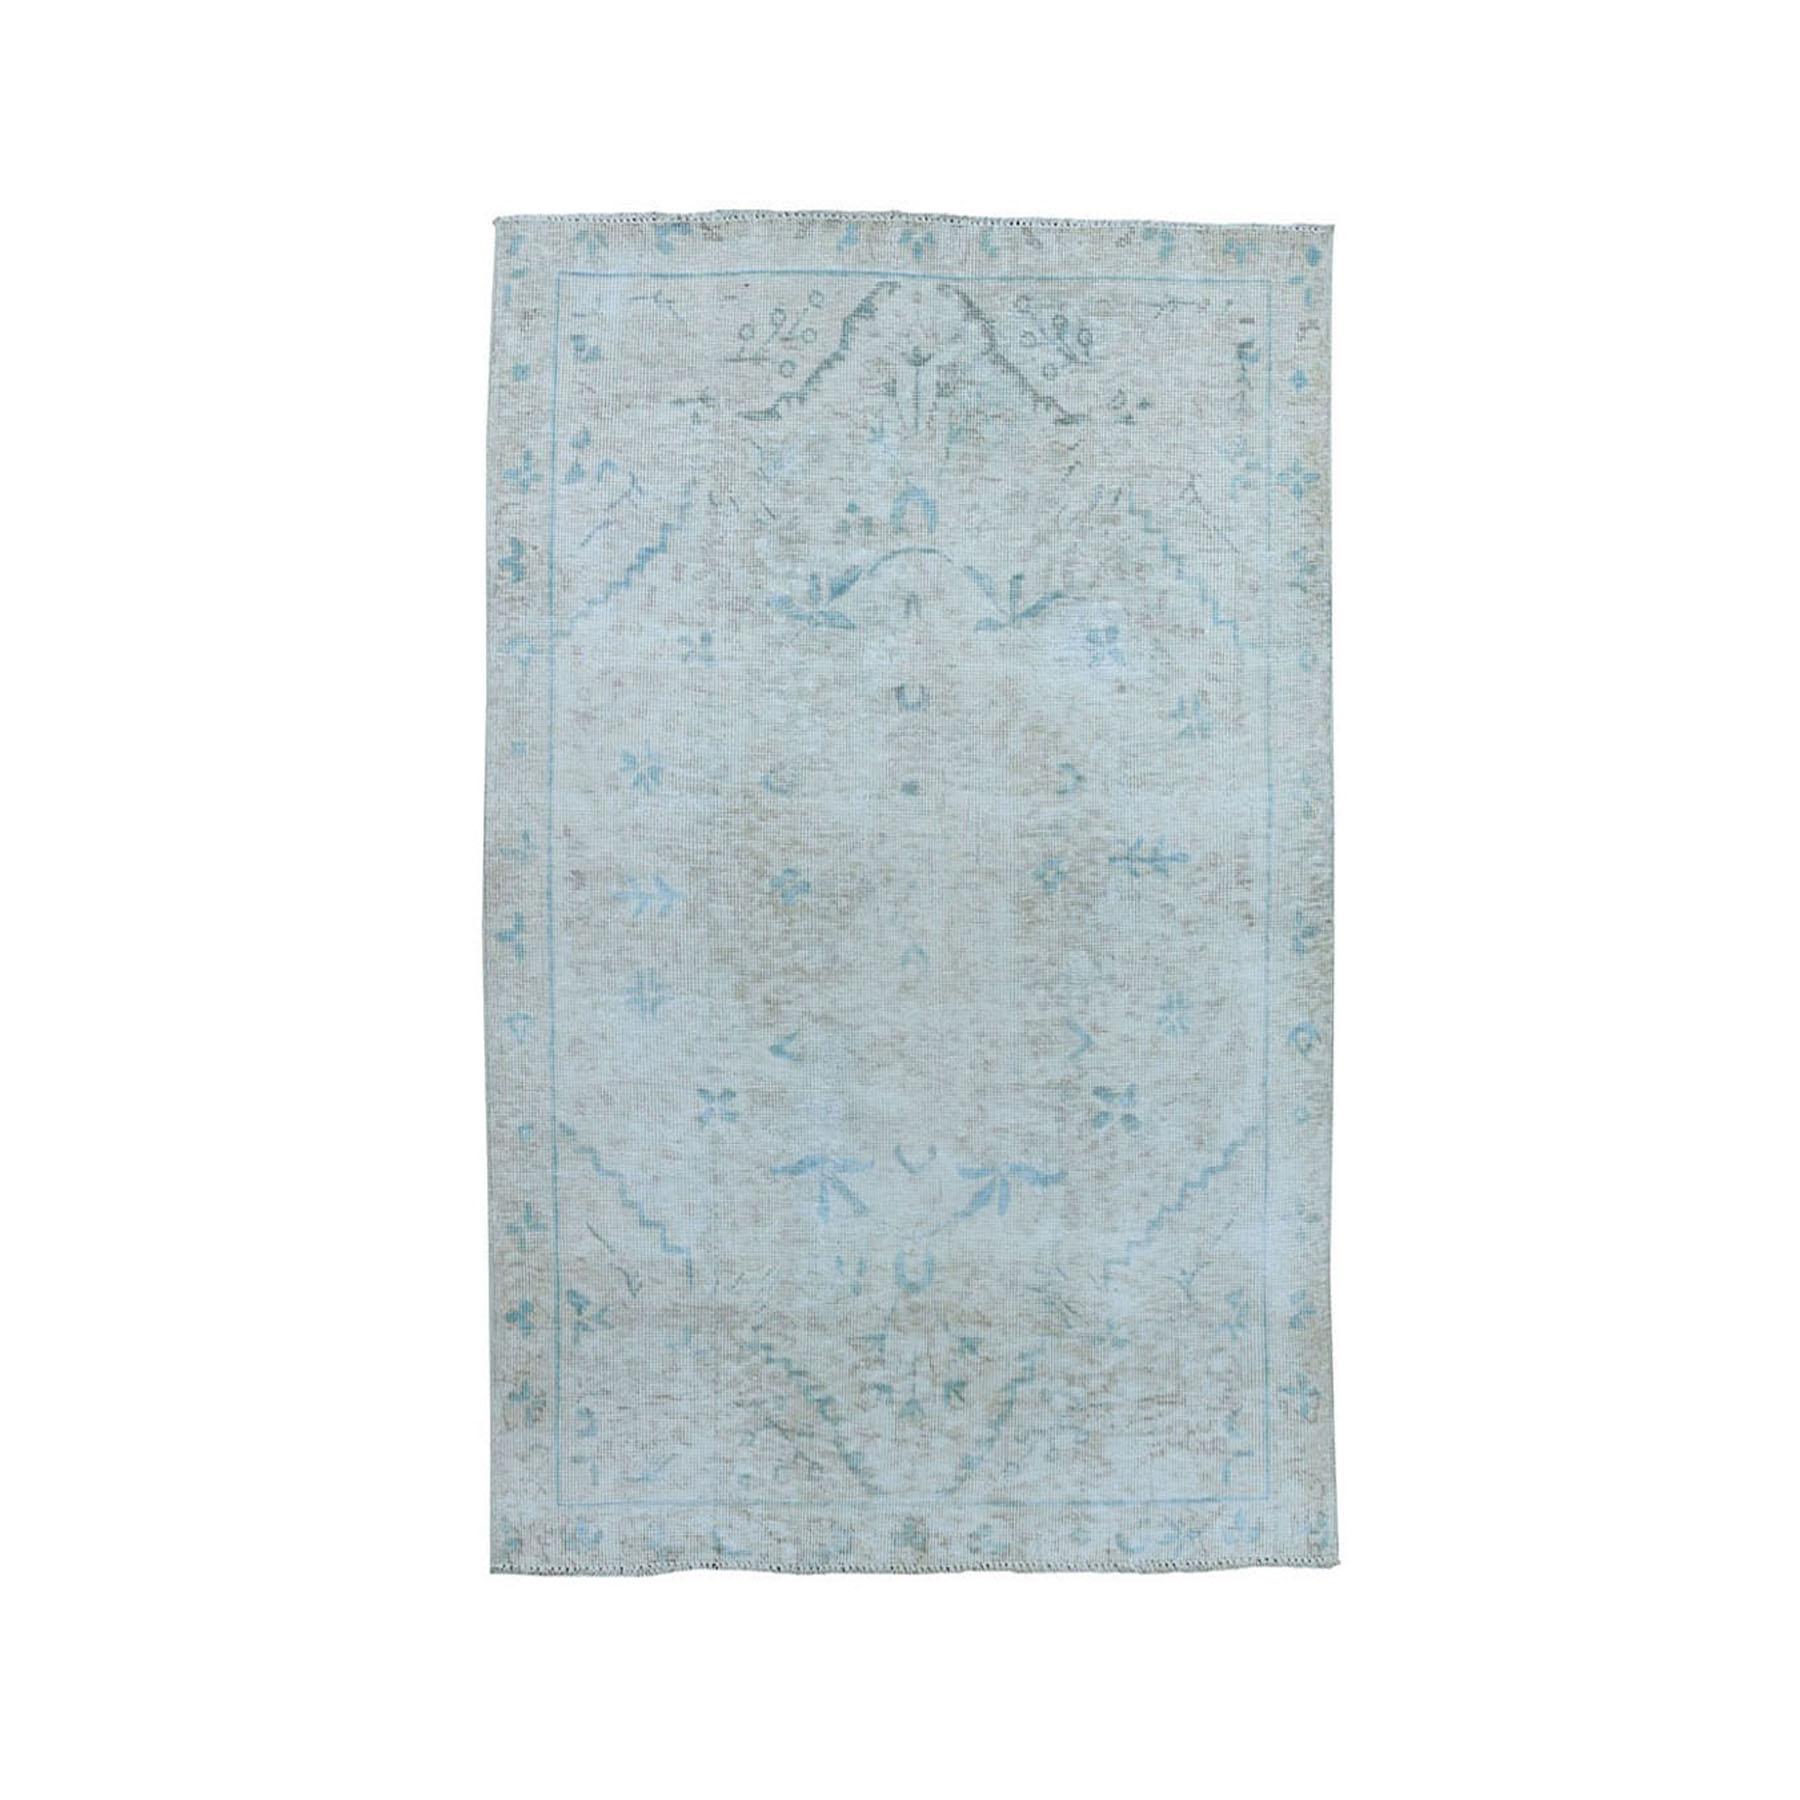 """3'3""""x4'6"""" Vintage White Wash Tabriz Worn Wool Hand-Knotted Oriental Rug 50727"""